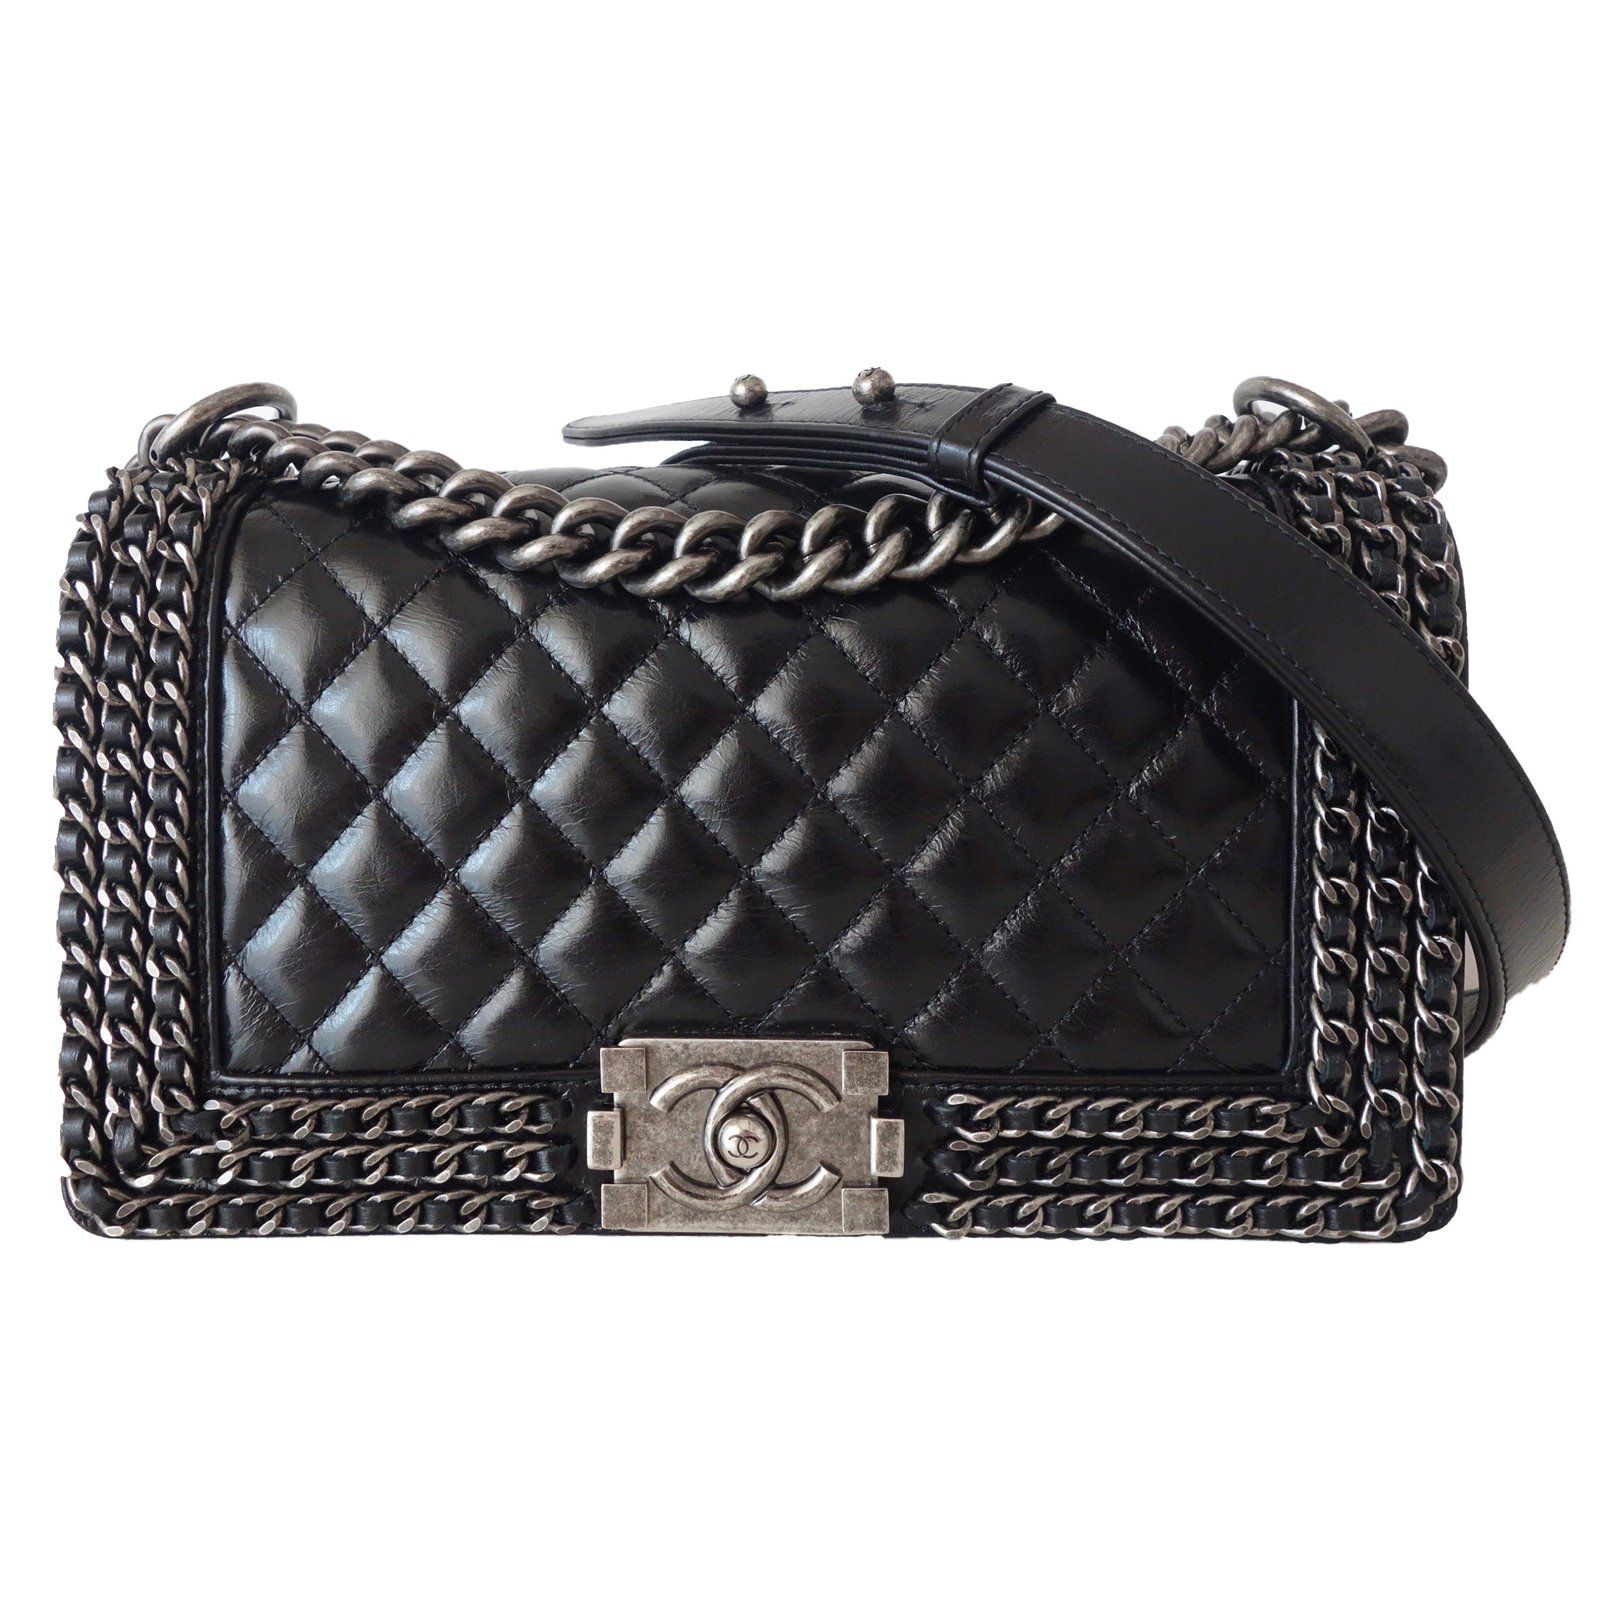 a78dd9bd47f9 Chanel LIMITED EDITION CHANEL BOY Handbags Leather Black ref.57433 ...